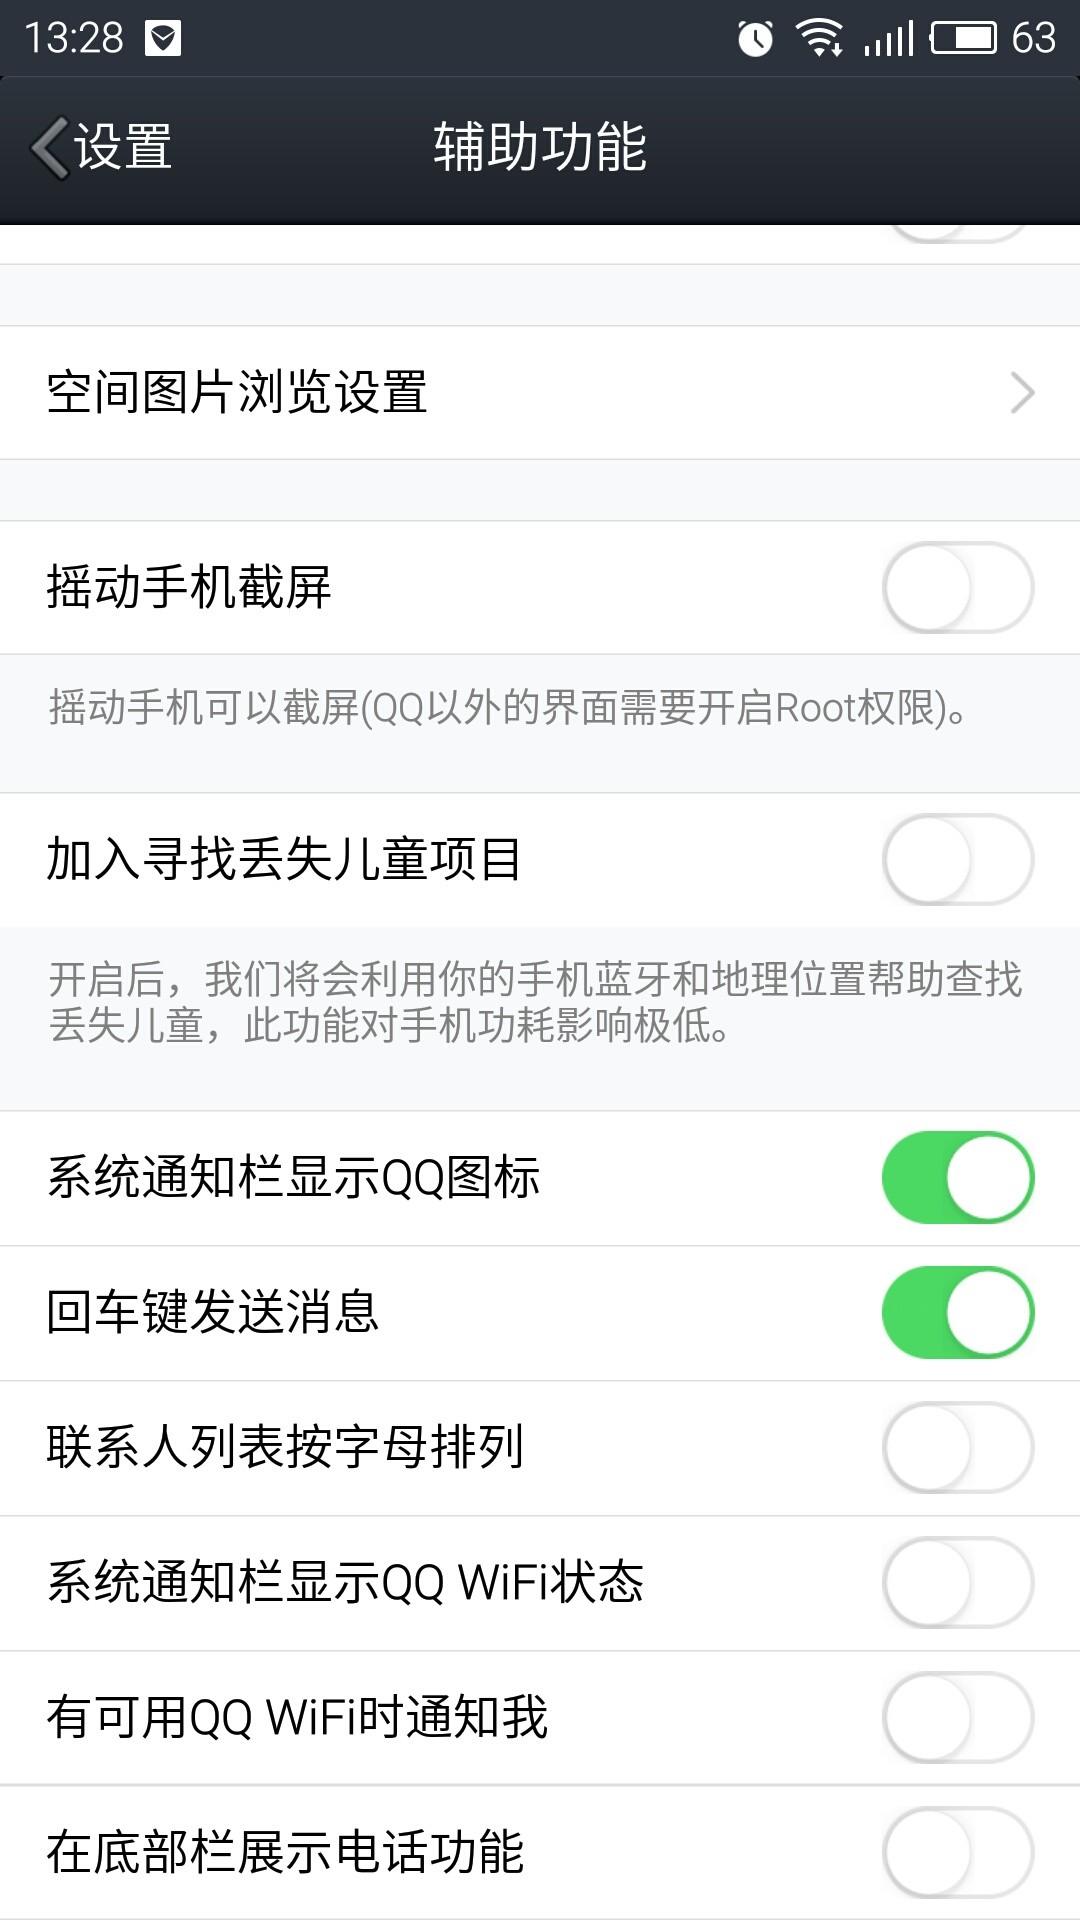 手机键盘回车键发送消息功能怎么取消